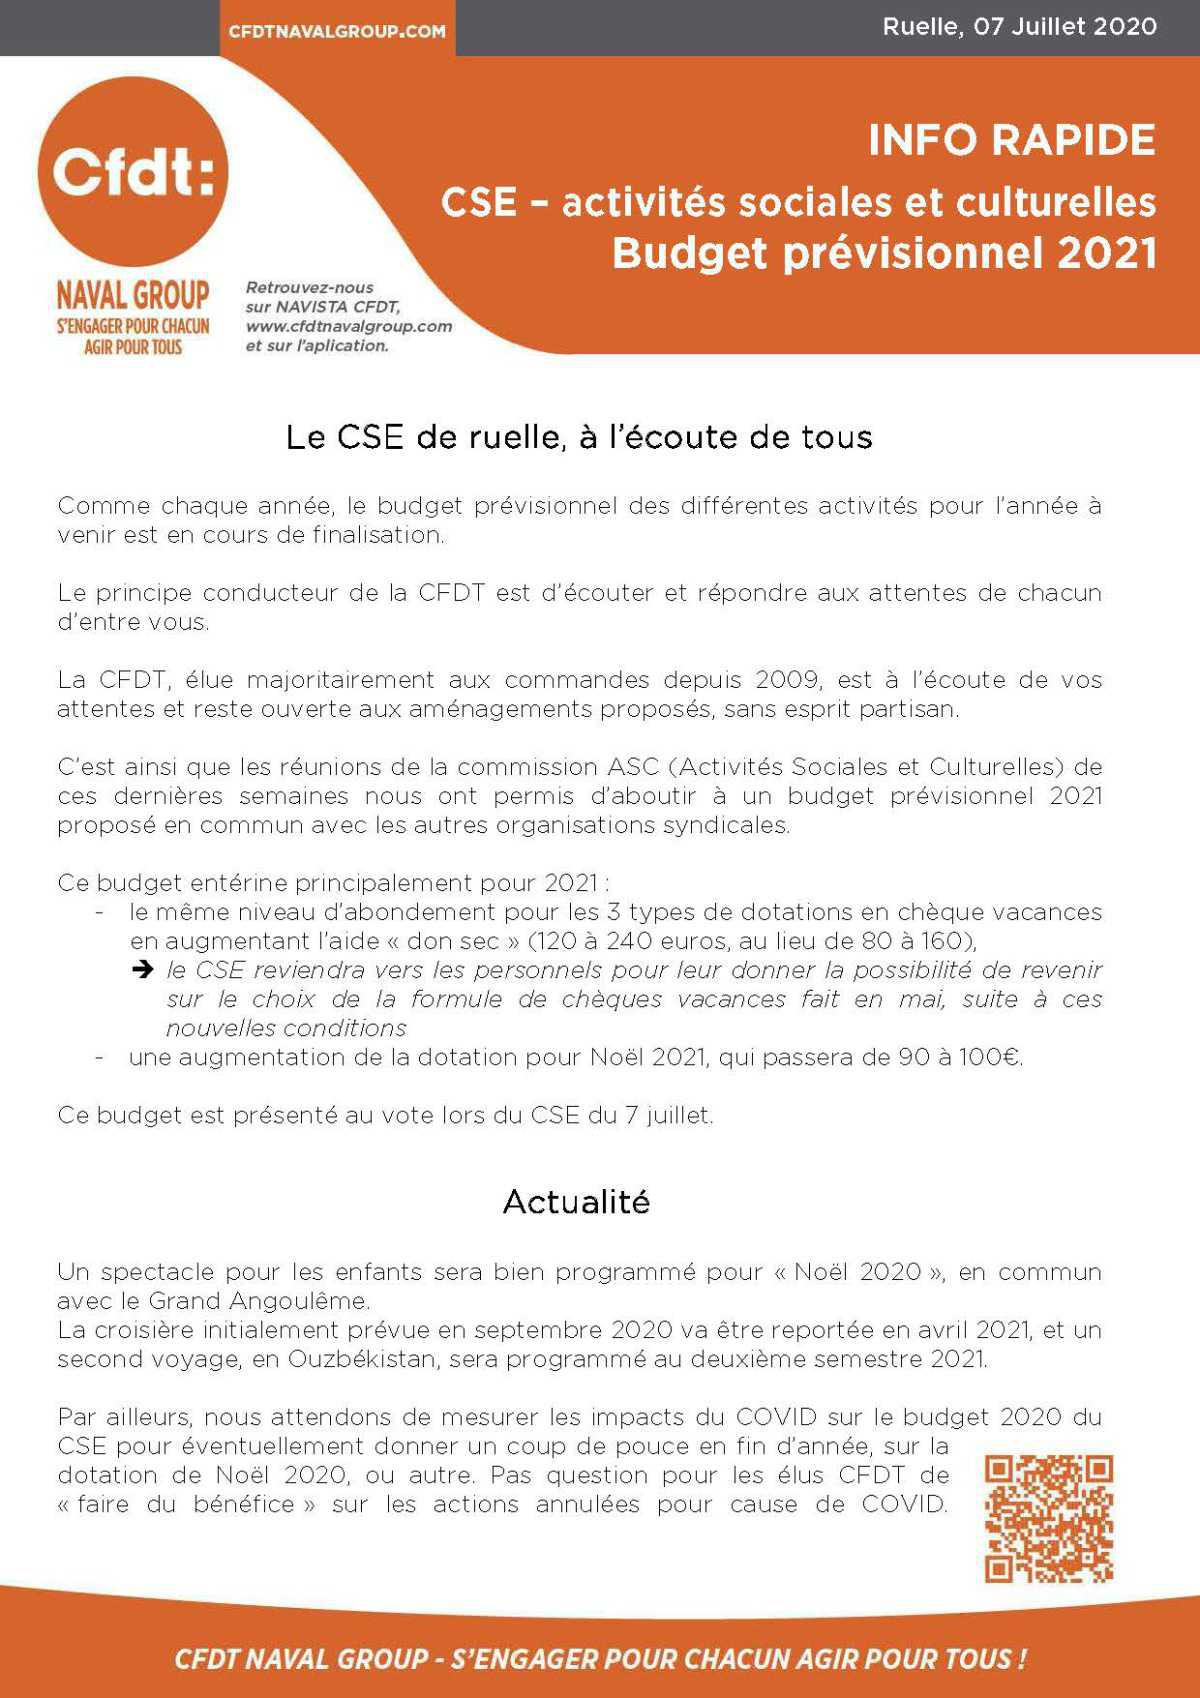 Activités sociales et culturelles - Budget prévisionnel 2021